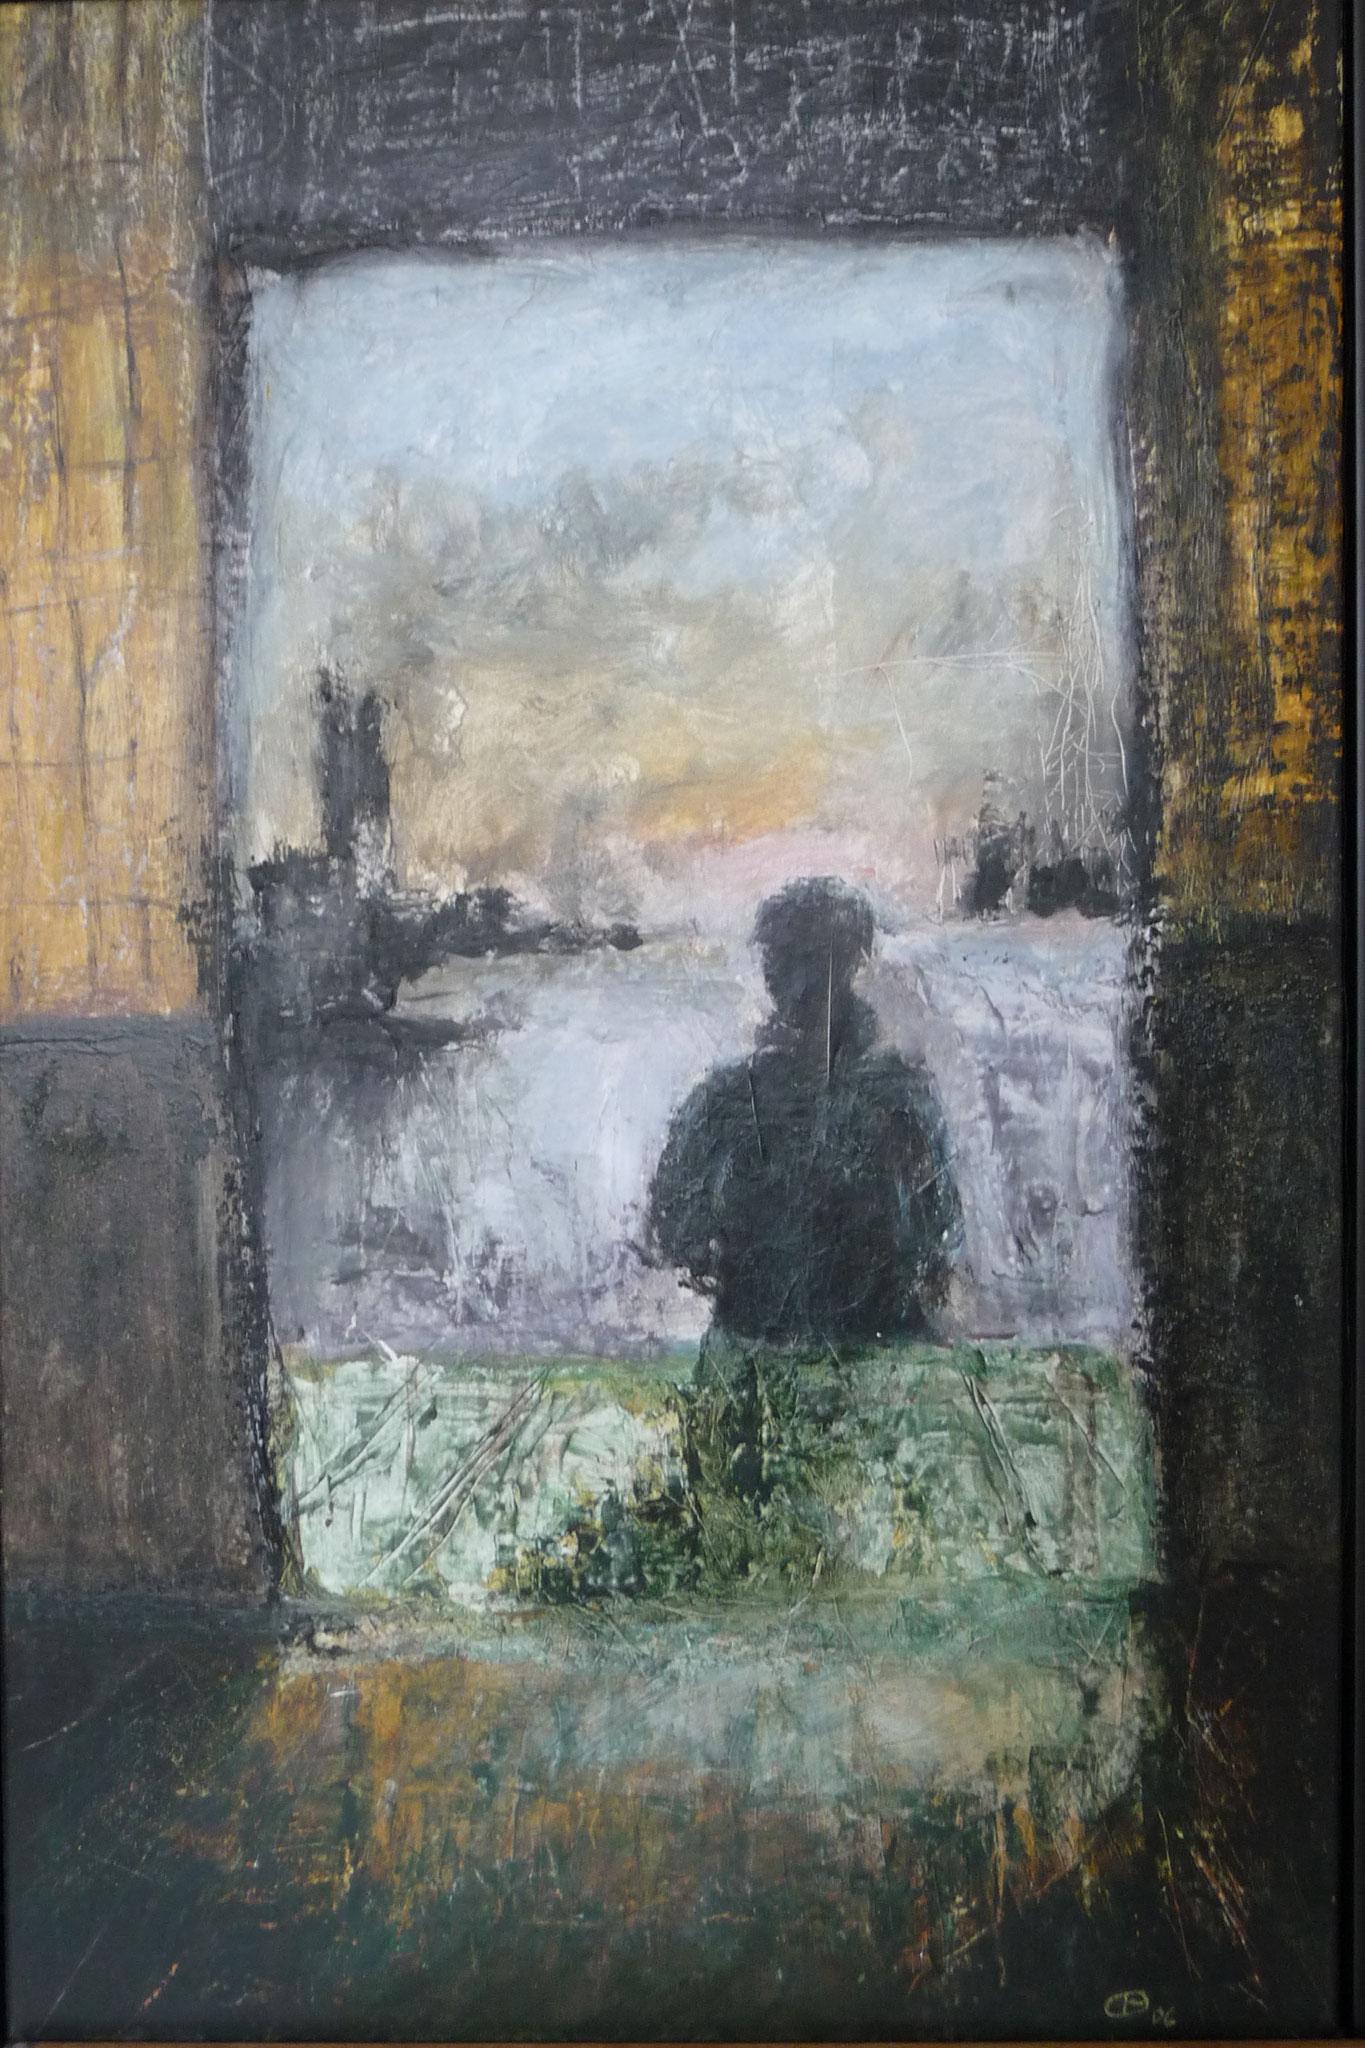 Petit matin - Hommage à Tarkovsky  ---   2006 - Acrylique sur toile - 100 x 65 cm